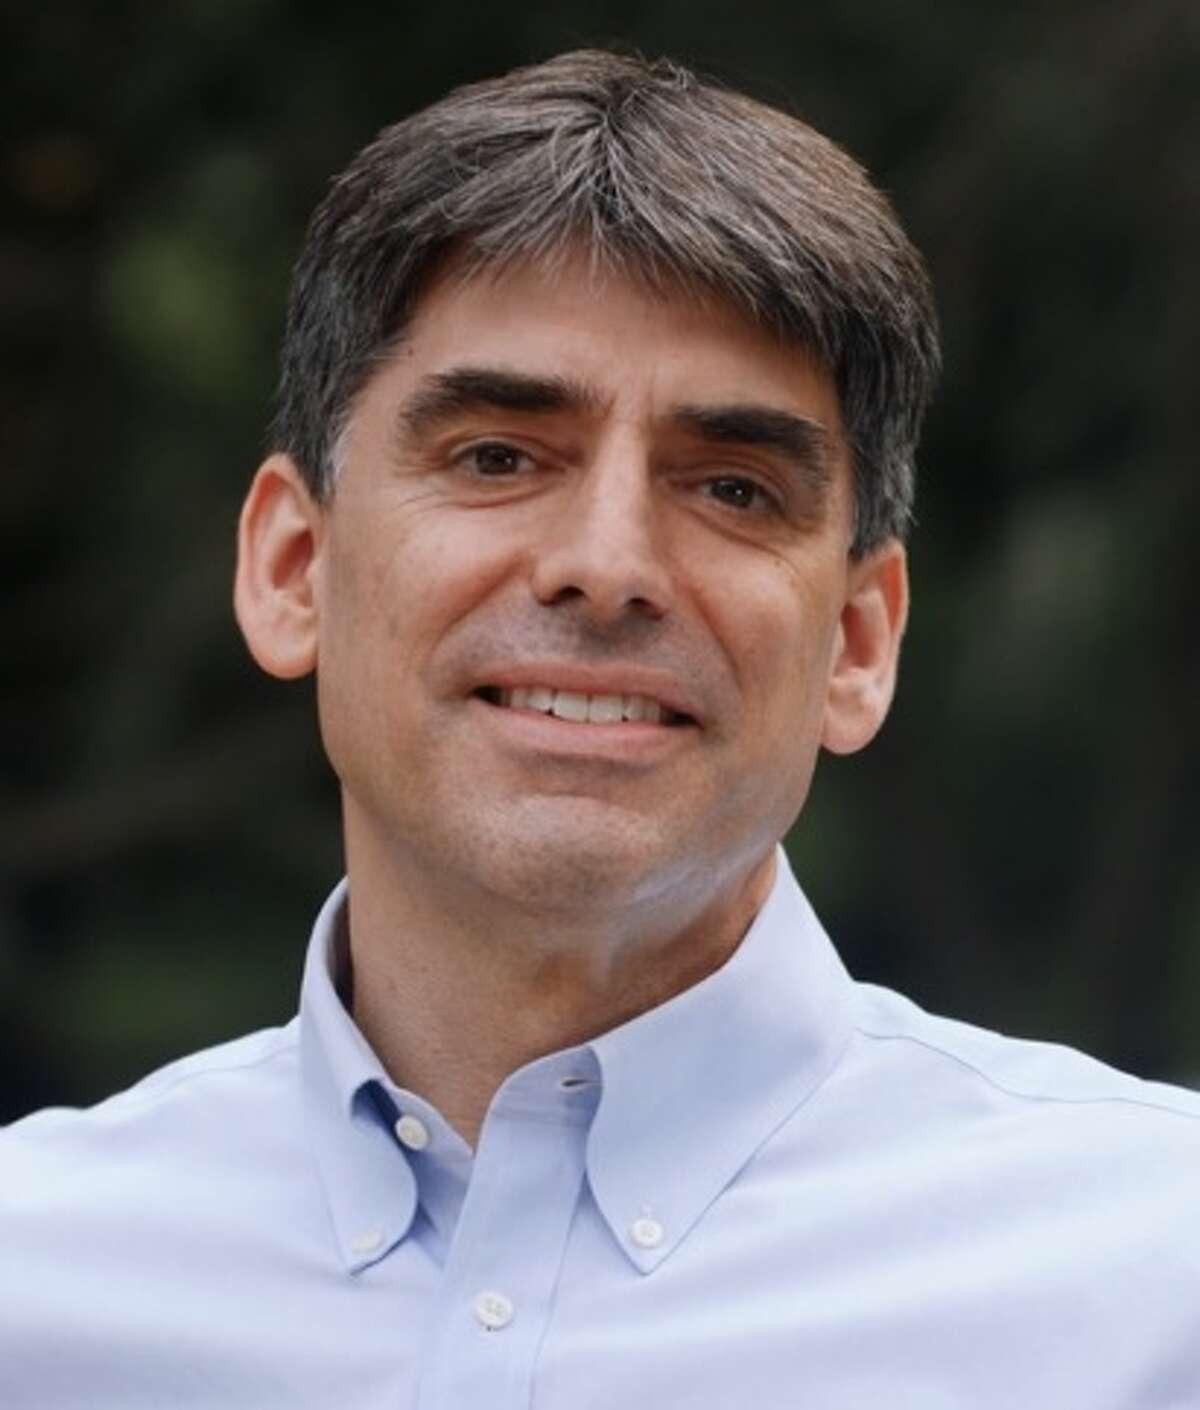 Warren County District Attorney Jason Carusone will seek re-election in November.